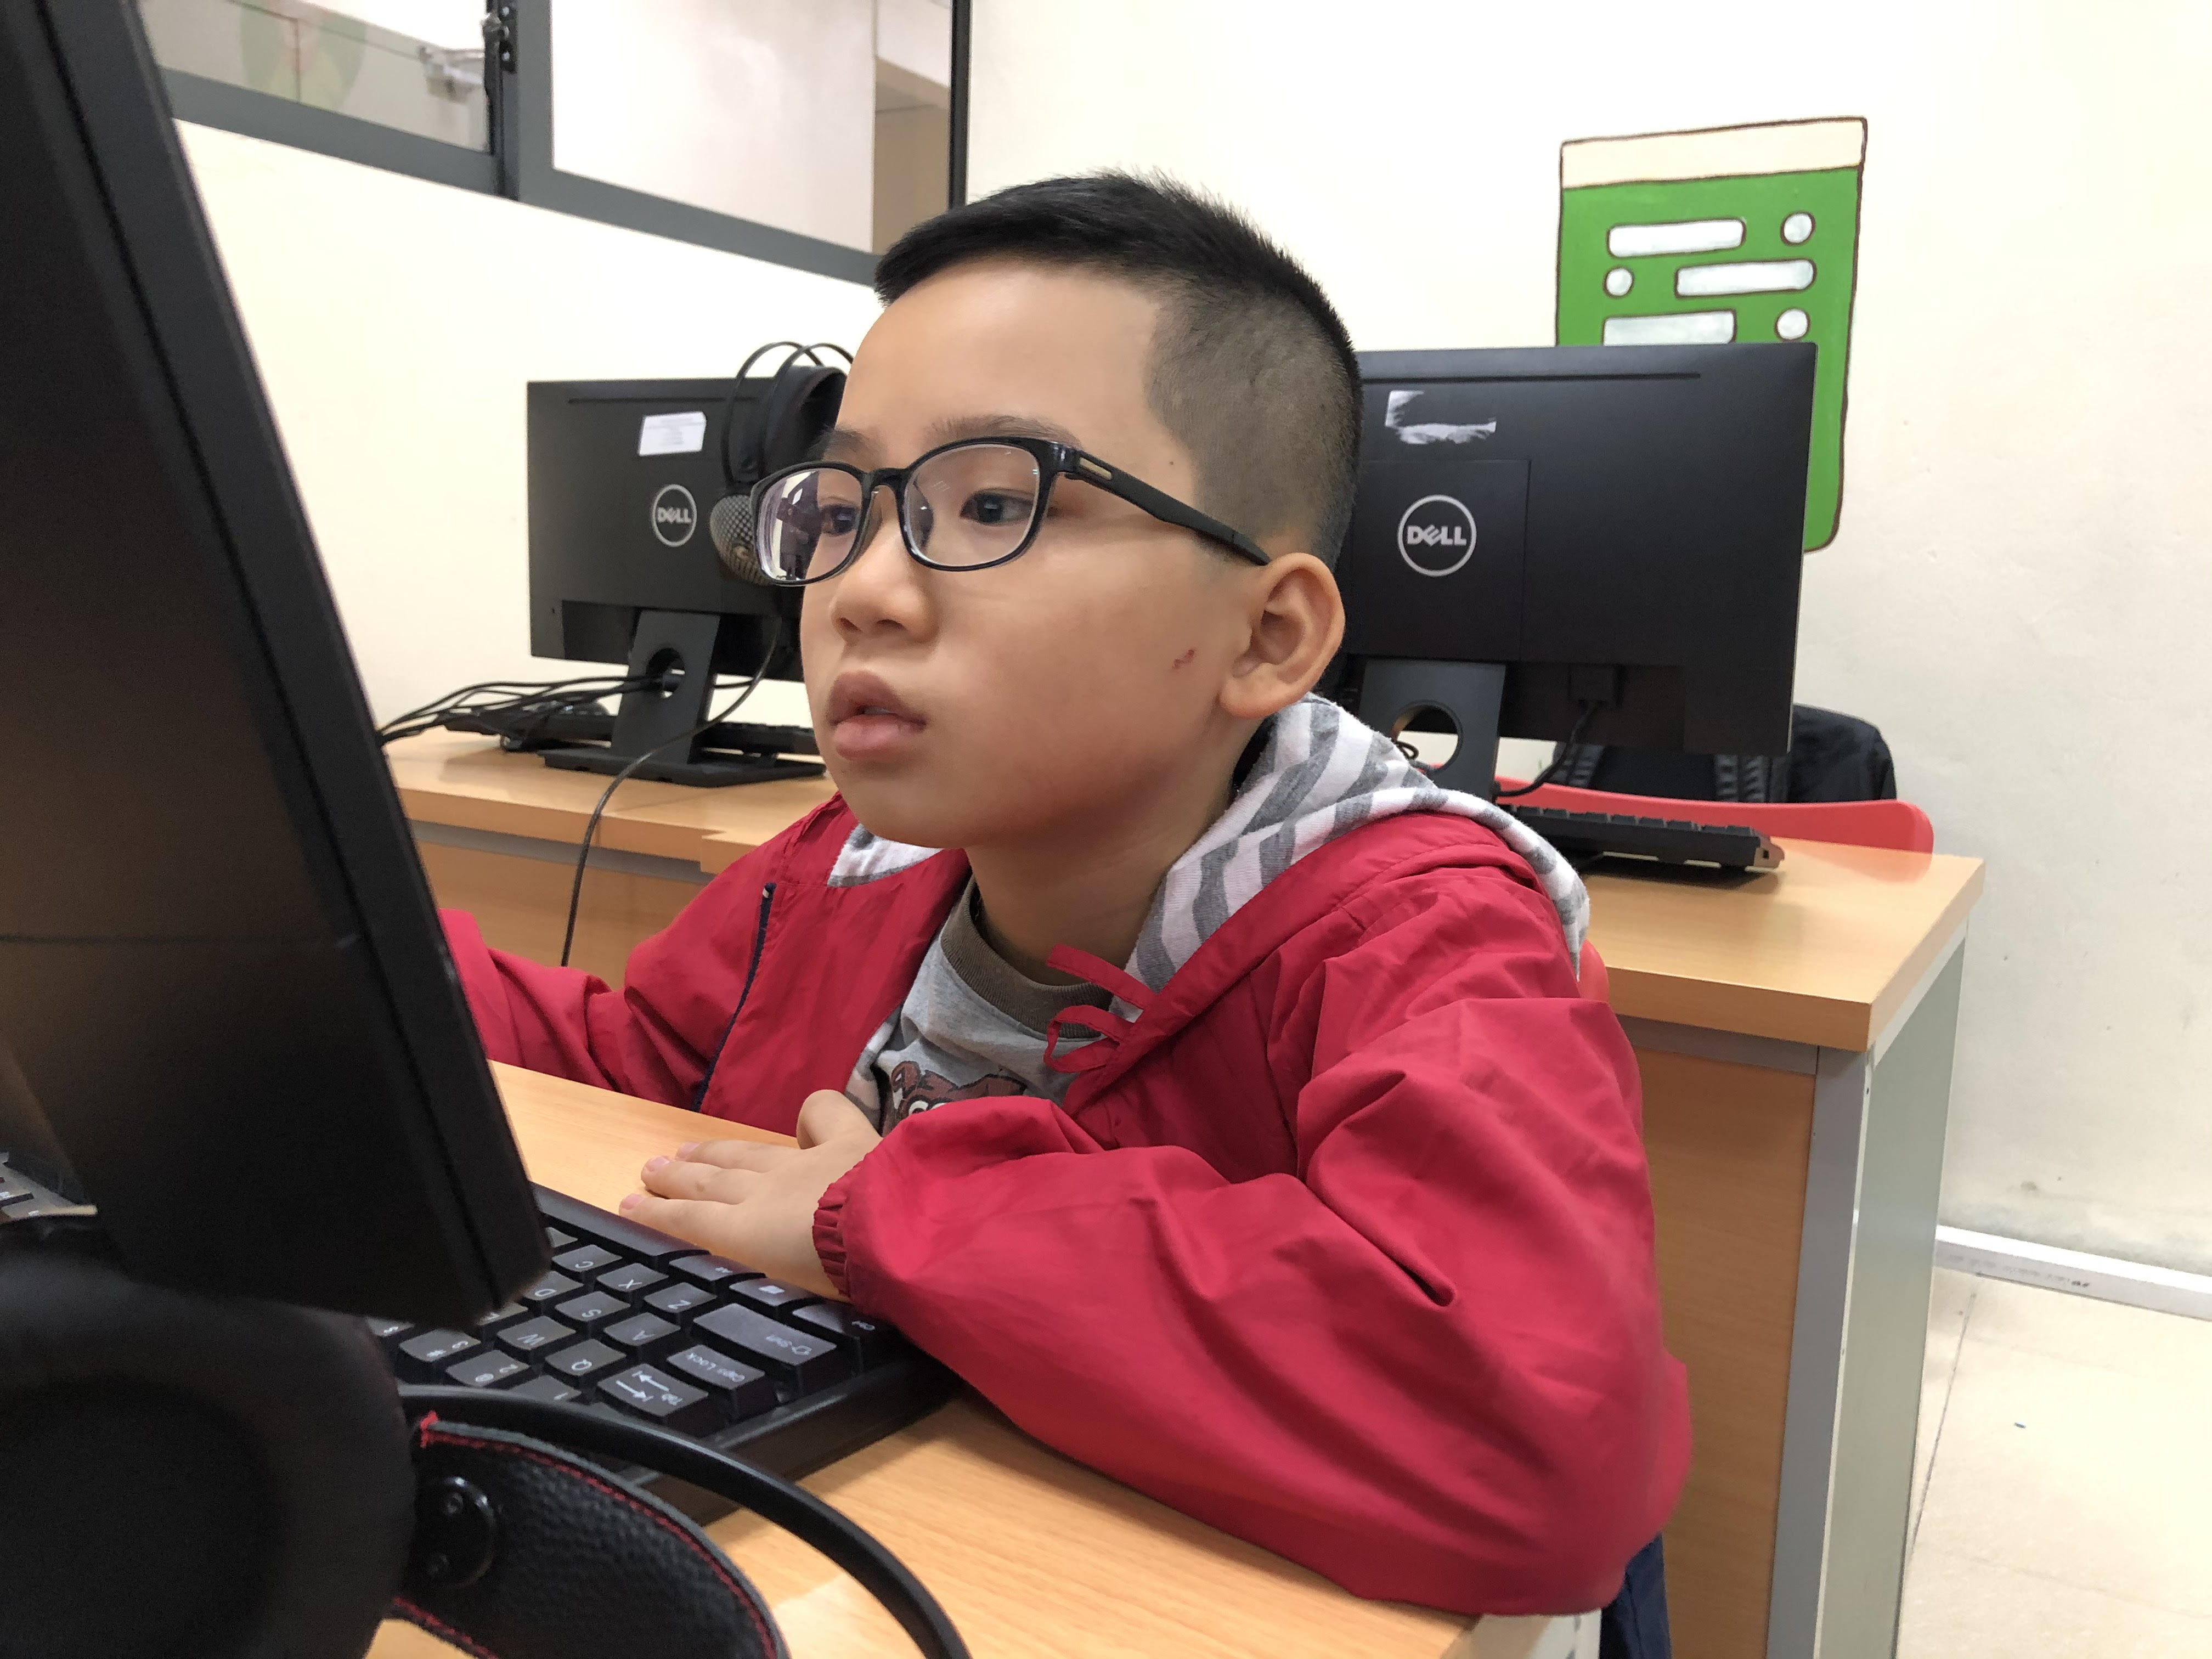 """Trần Trung Nguyên, lớp 4 trường tiểu học Ngô Quyền, hào hứng chia sẻ: """"Con rất vui khi được tham gia lớp học ngày hôm nay, ngoài học con còn được các thầy cô cho chơi trò chơi và thêm nhiều bạn mới""""."""